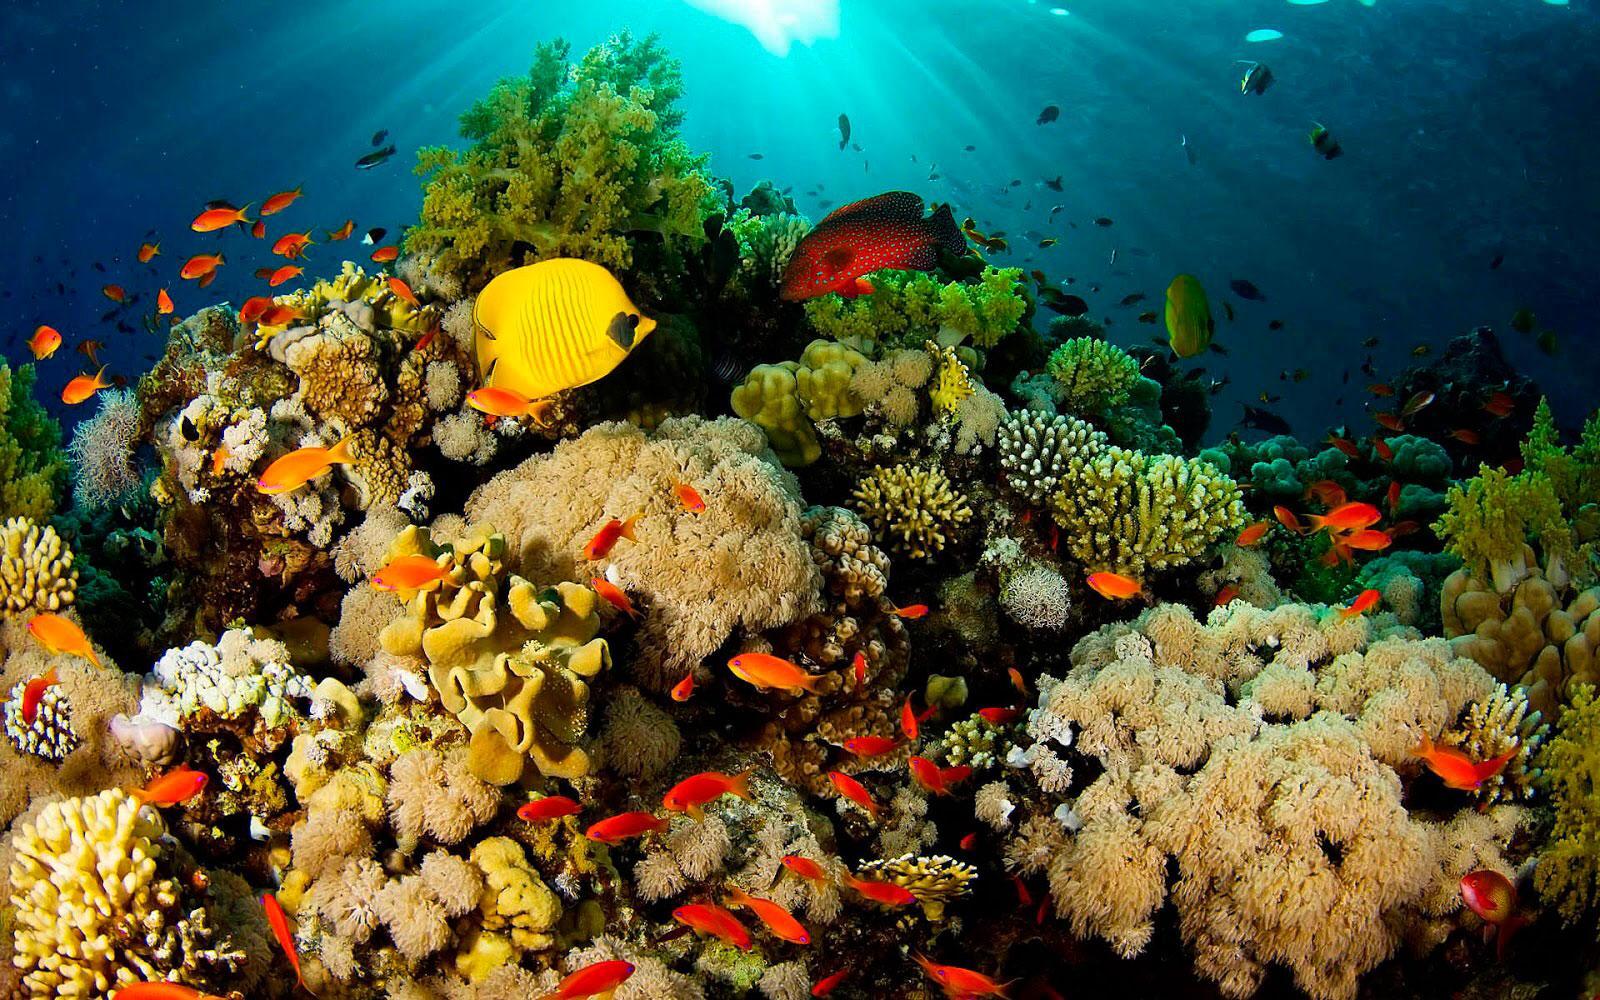 Un grupo de arrecife  Descripción generada automáticamente con confianza media